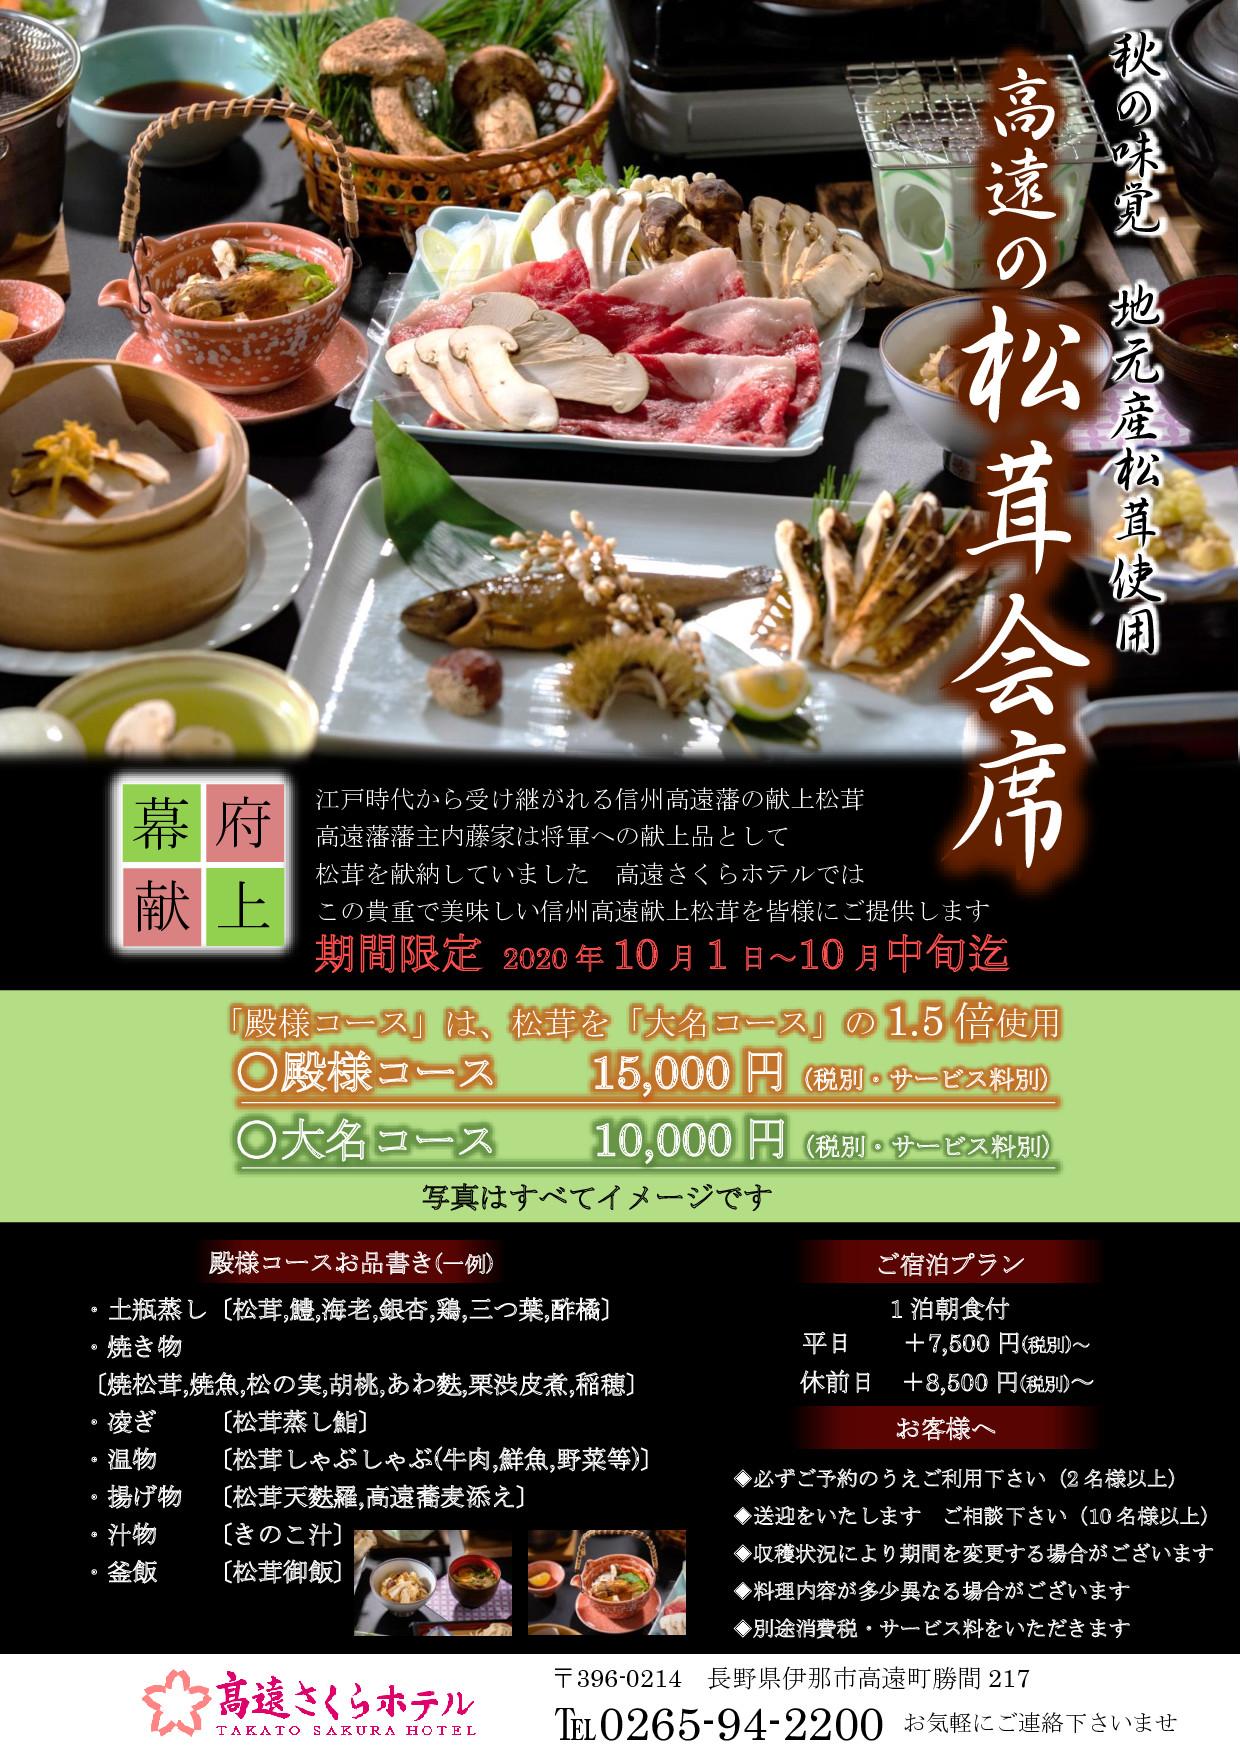 今年も高遠藩(地元)の松茸尽くしのお料理を!